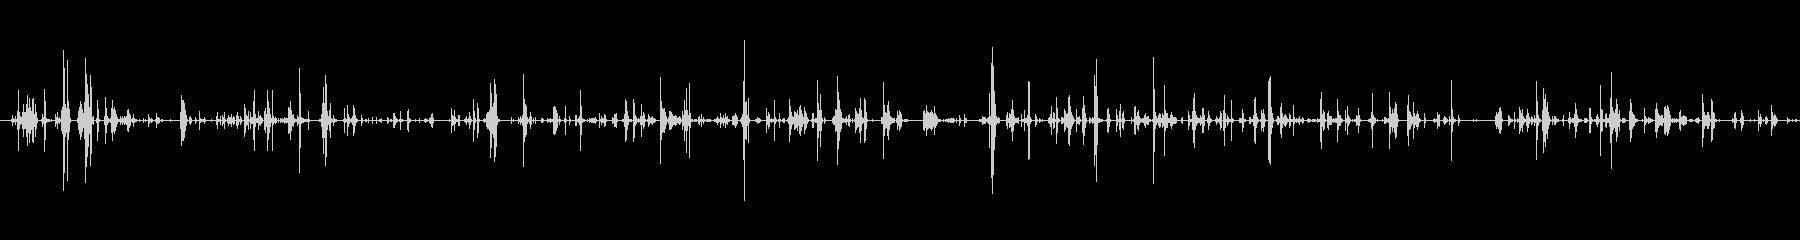 キー キーホルダースモールラトルシ...の未再生の波形